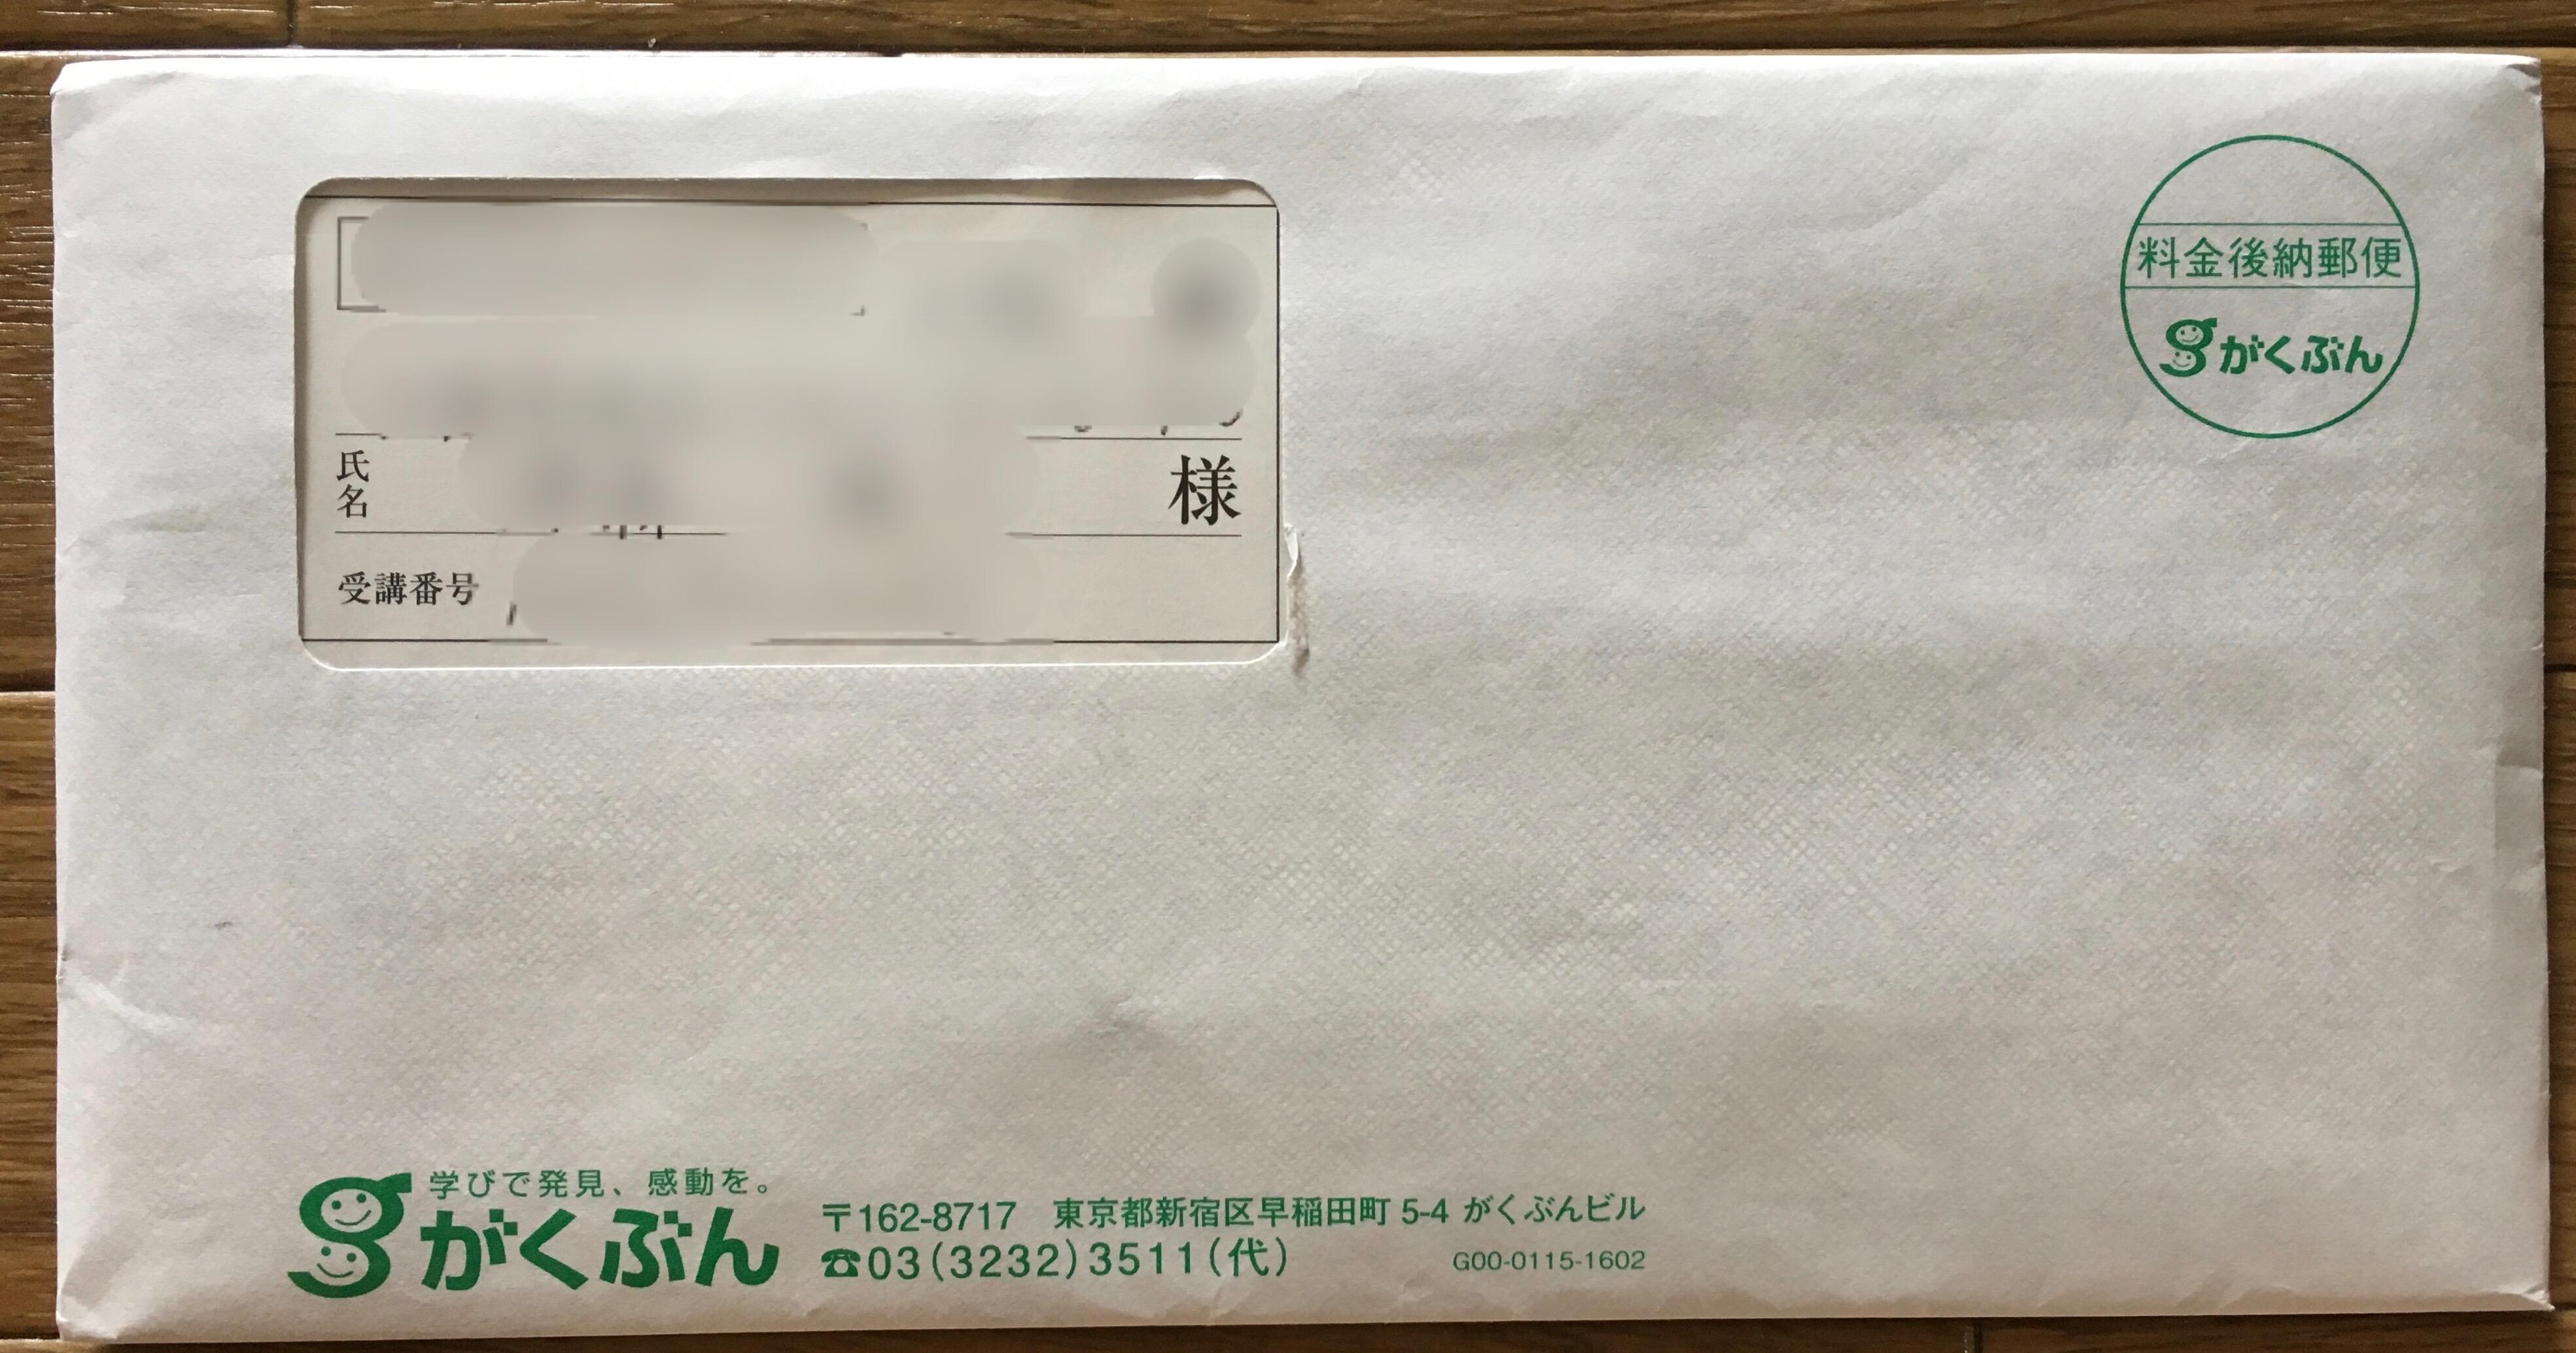 課題の返信封筒